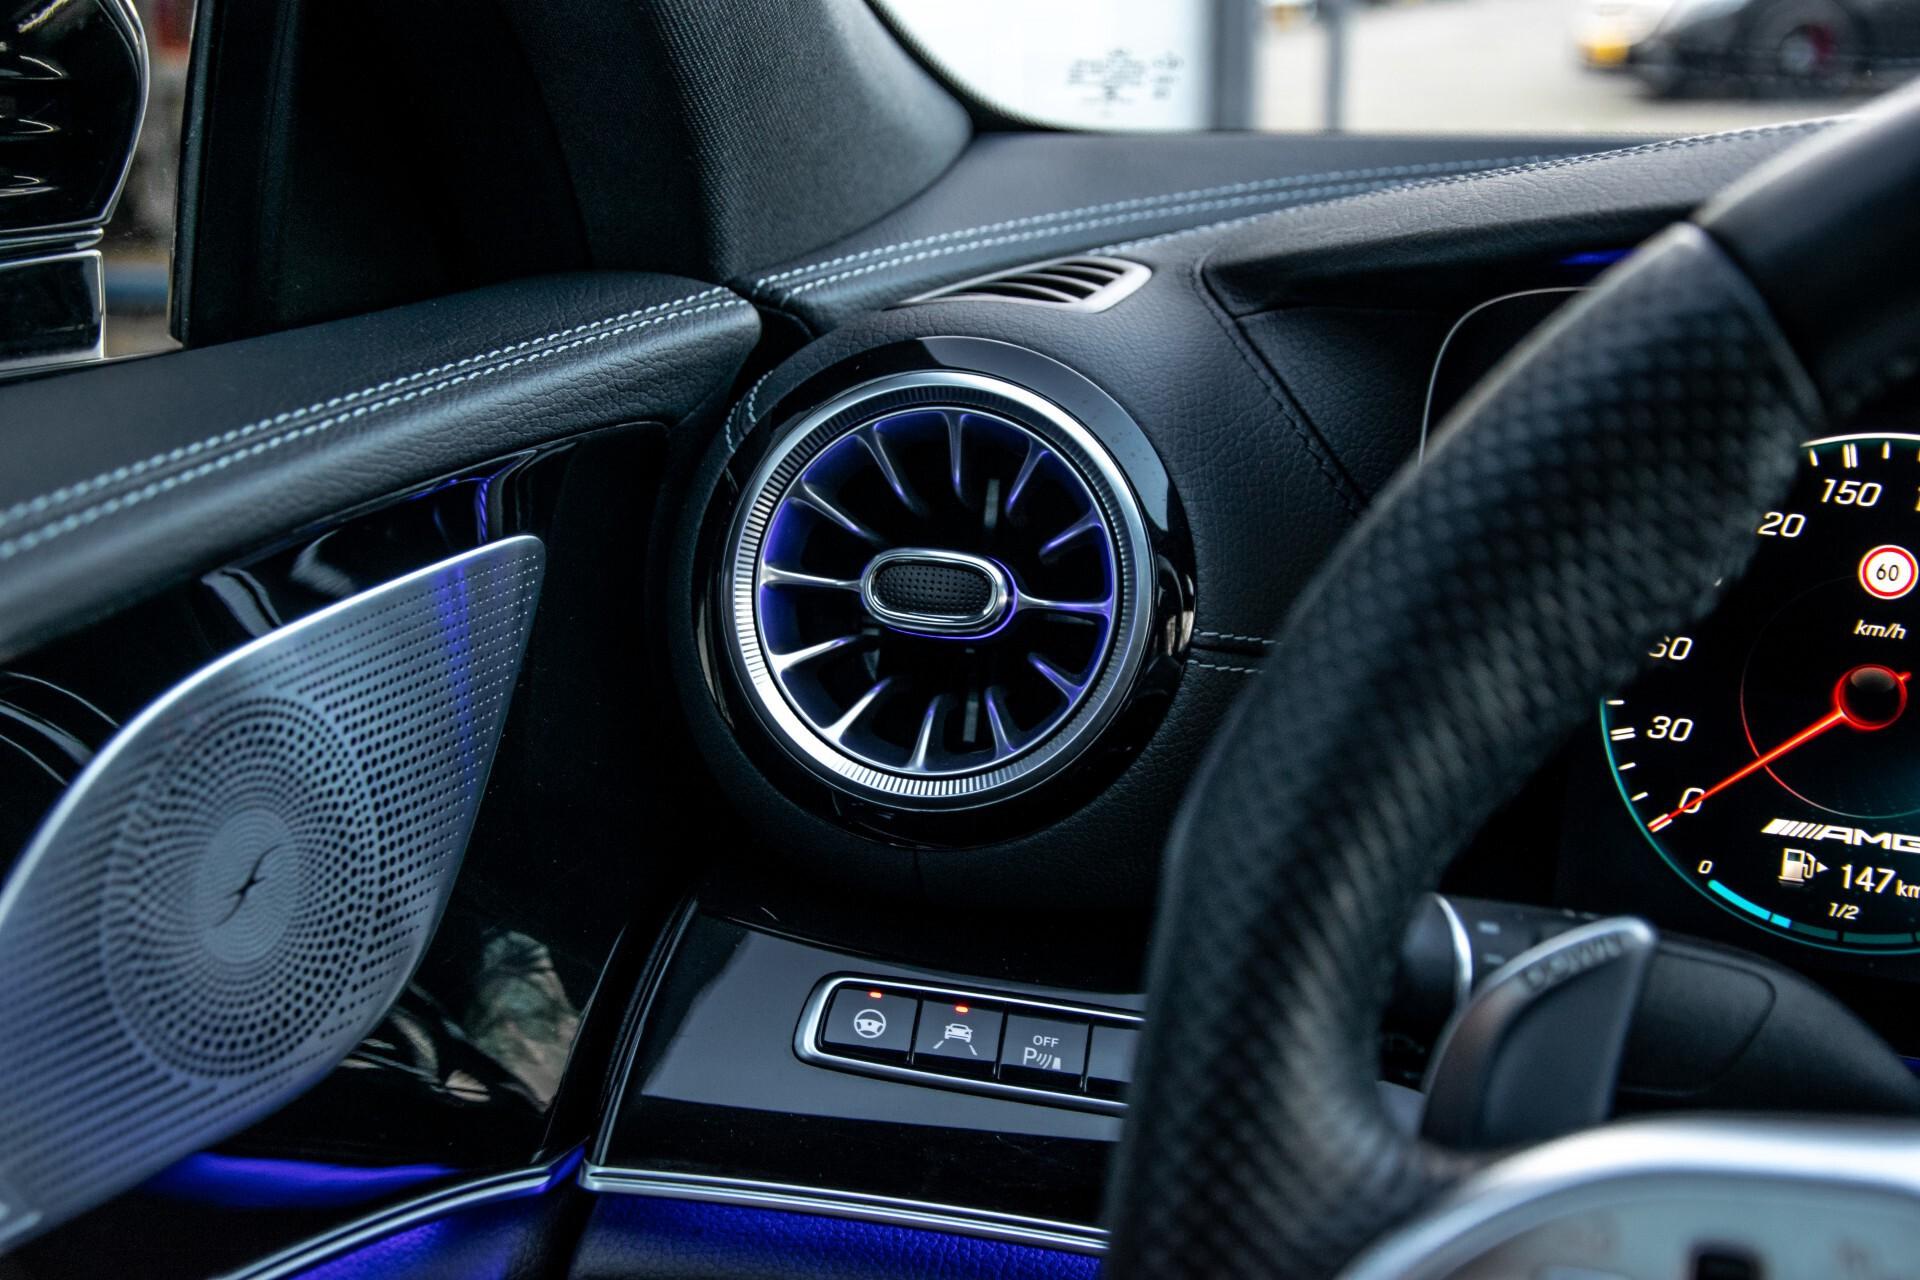 """Mercedes-Benz AMG GT 4-Door Coupe 43 4M+ 21""""/Performance Uitlaat/Massage/Rij-assist/Keyless/Burmester/5-persoons Aut9 Foto 17"""